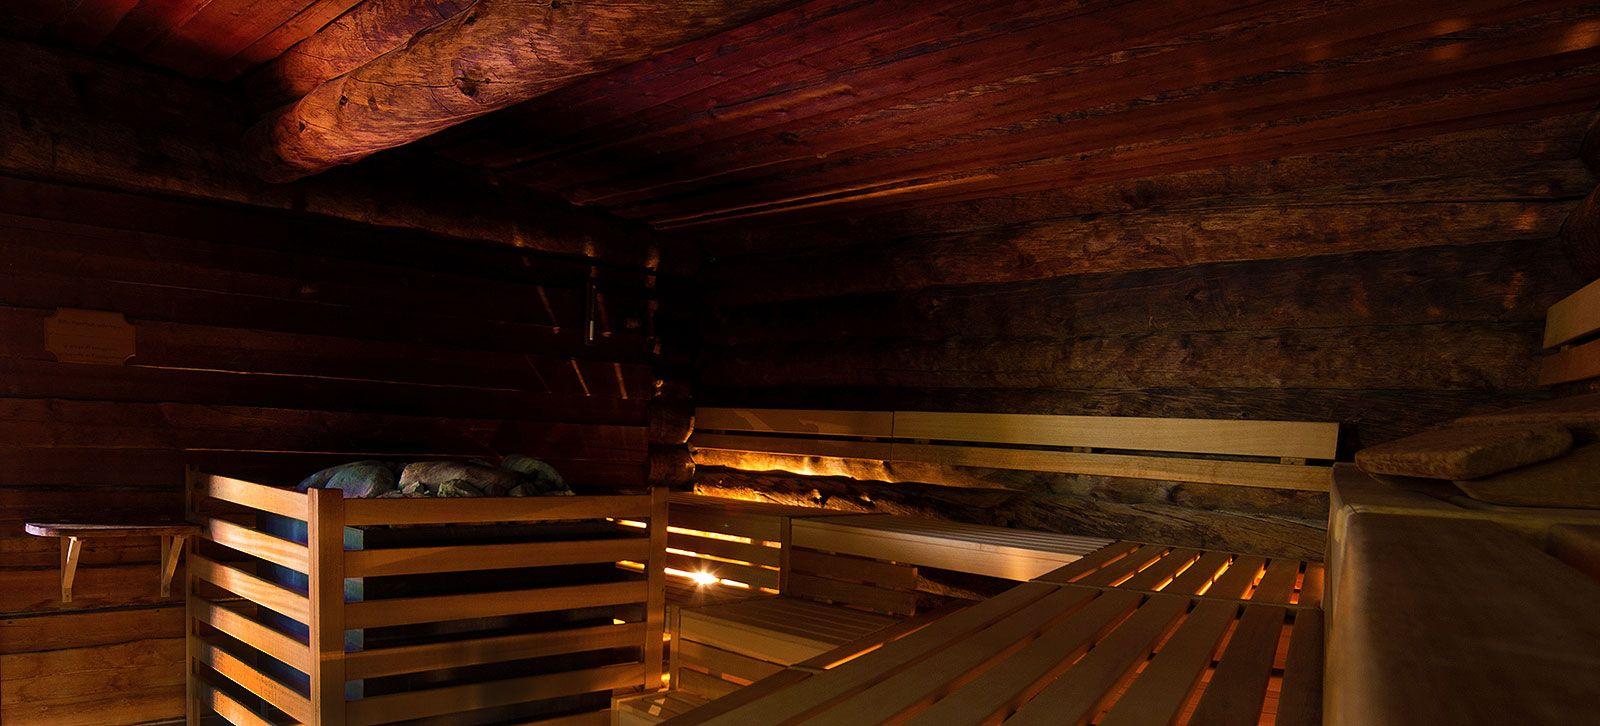 Sauna And Wellness Mar Dolomit Swimming Pool And Sauna In